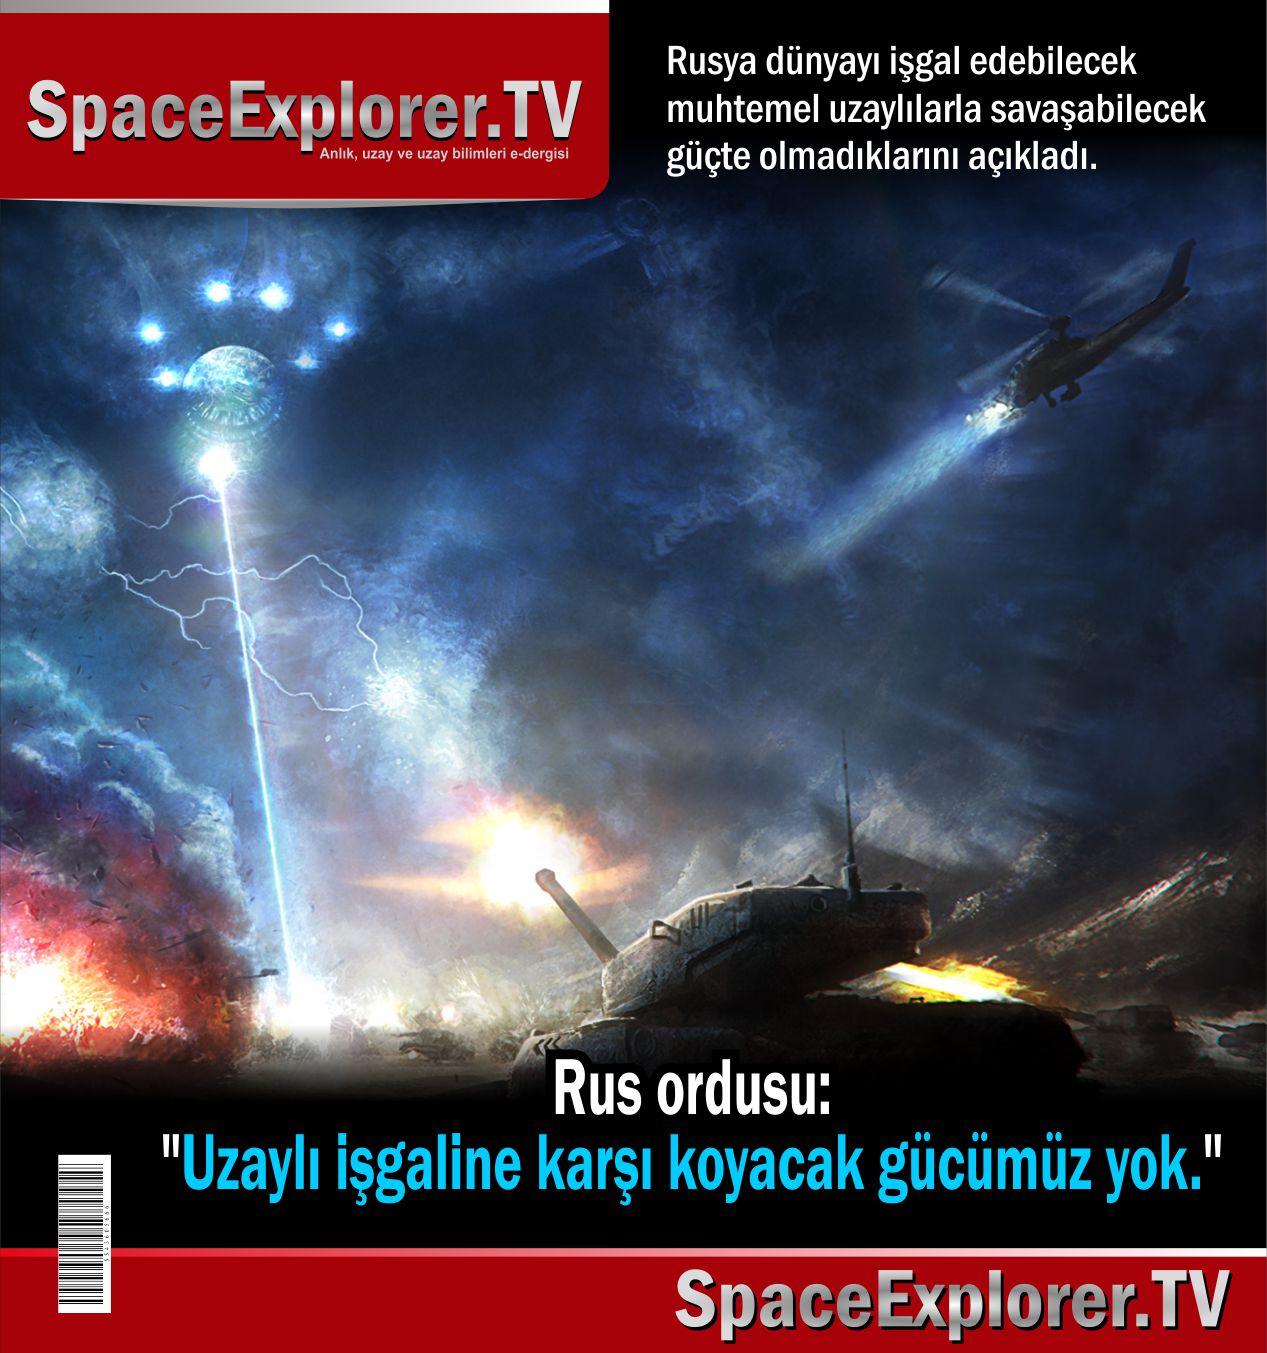 Rusta, Uzaylı istilası, Uzayda hayat var mı?, Dünyada uzaylı var mı, Evrende yalnız mıyız?, UFO, UFO'lar gerçek mi?, Mars'ta yaşam var mı,